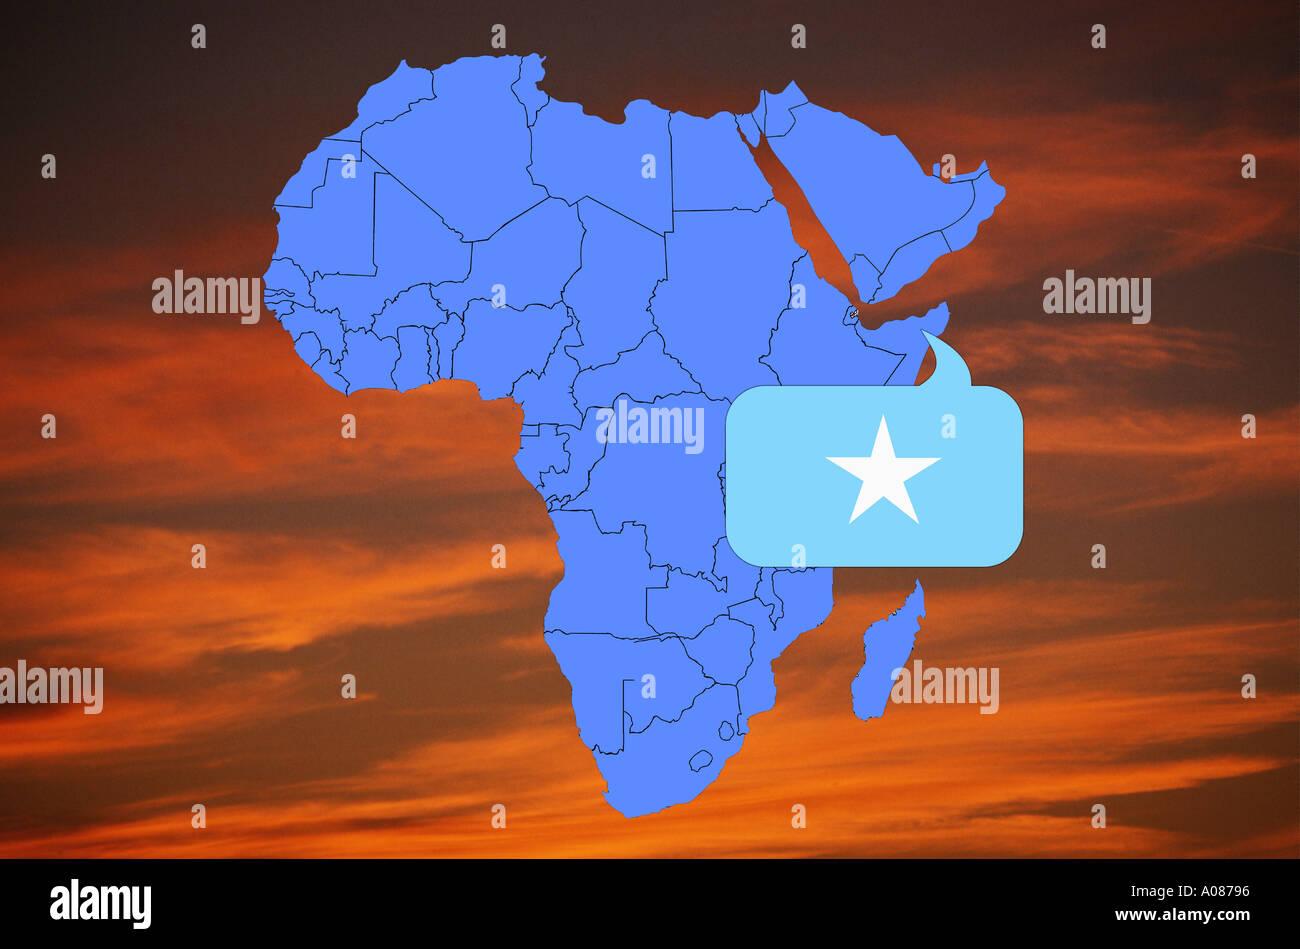 Africa map and flag of Somali Republic Somalia Stock Photo ...